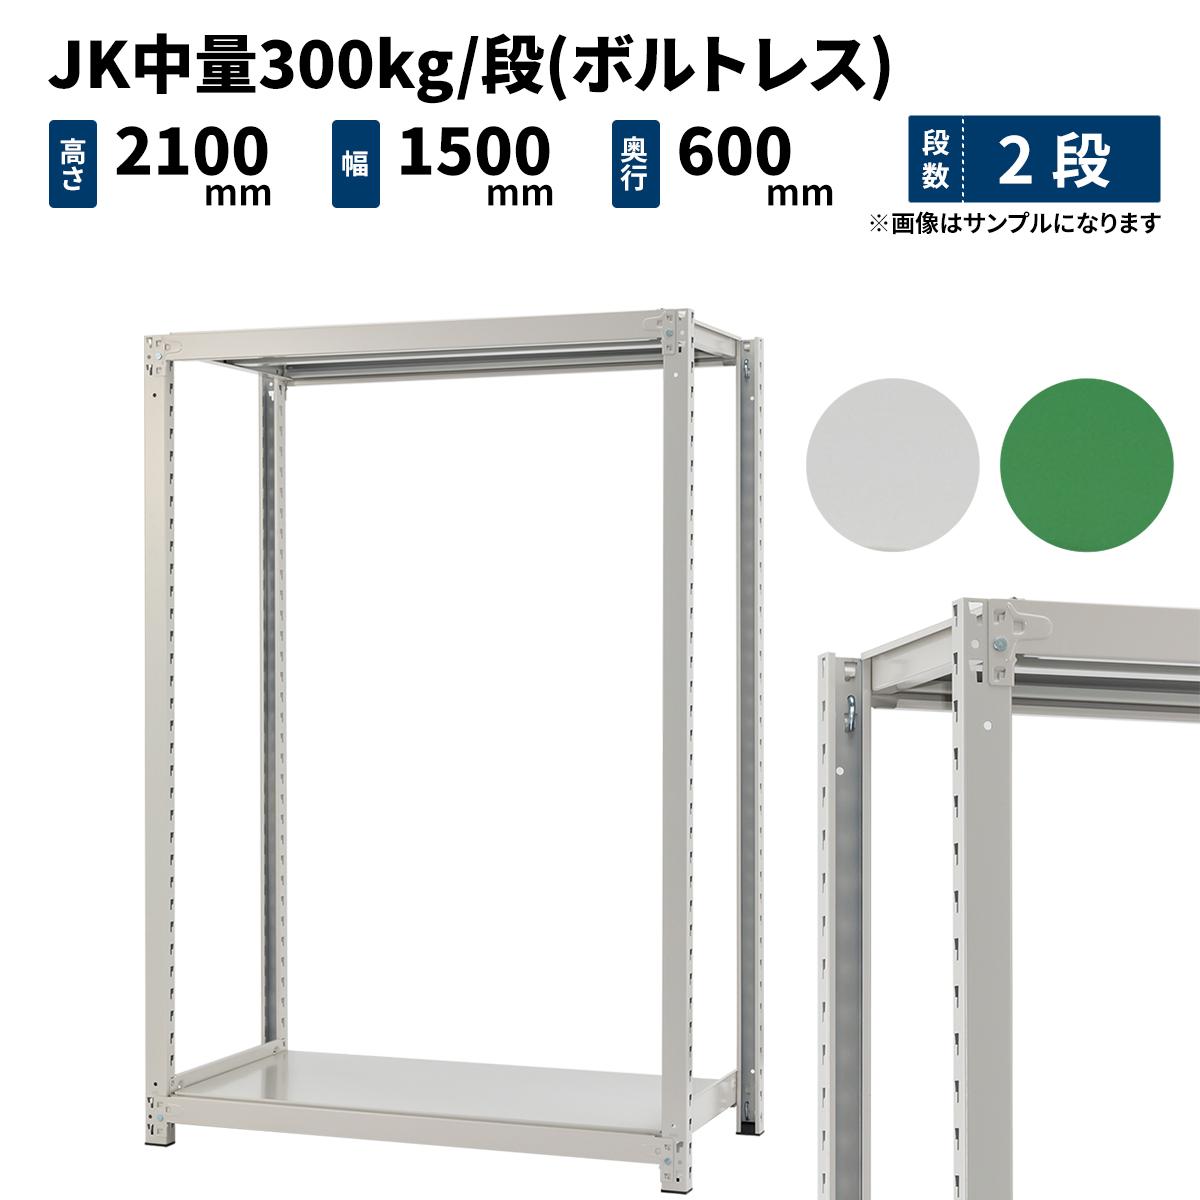 スチールラック 業務用 JK中量300kg/段(ボルトレス) 単体形式 高さ2100×幅1500×奥行600mm 2段 ホワイトグレー/グリーン (48kg) JK300_T-211506-2